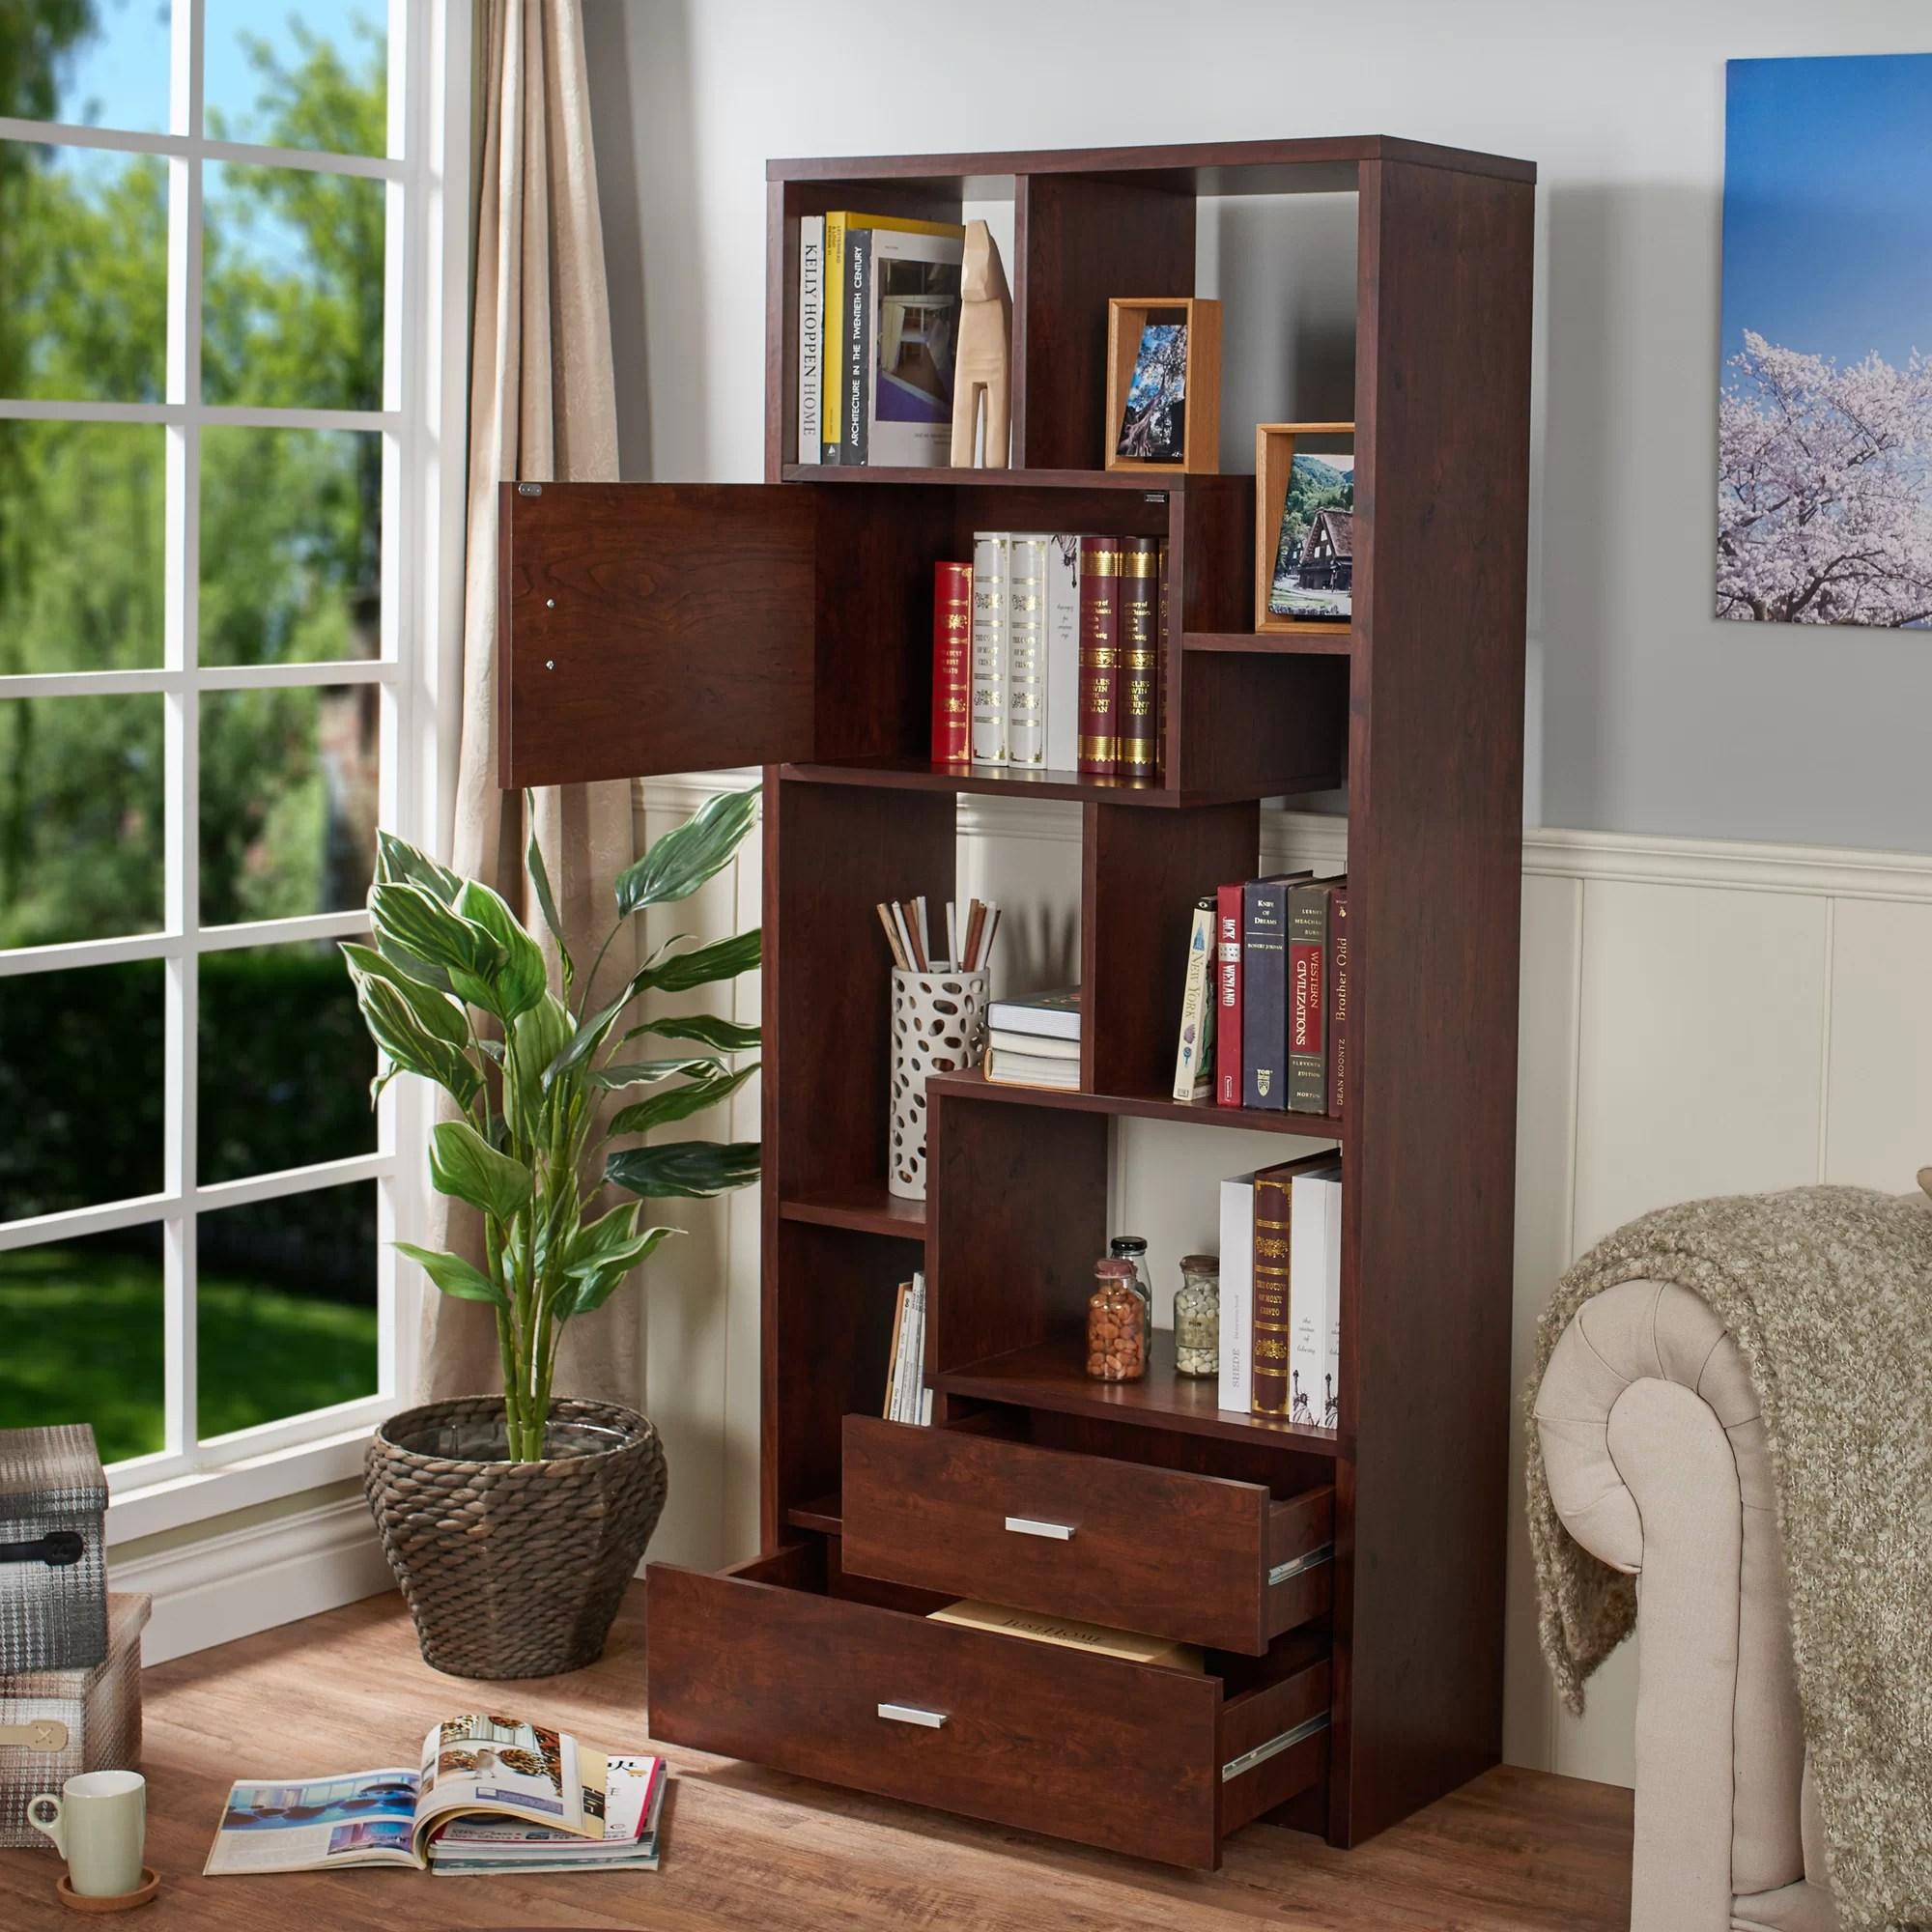 71quot Cube Unit Bookcase Reviews Allmodern